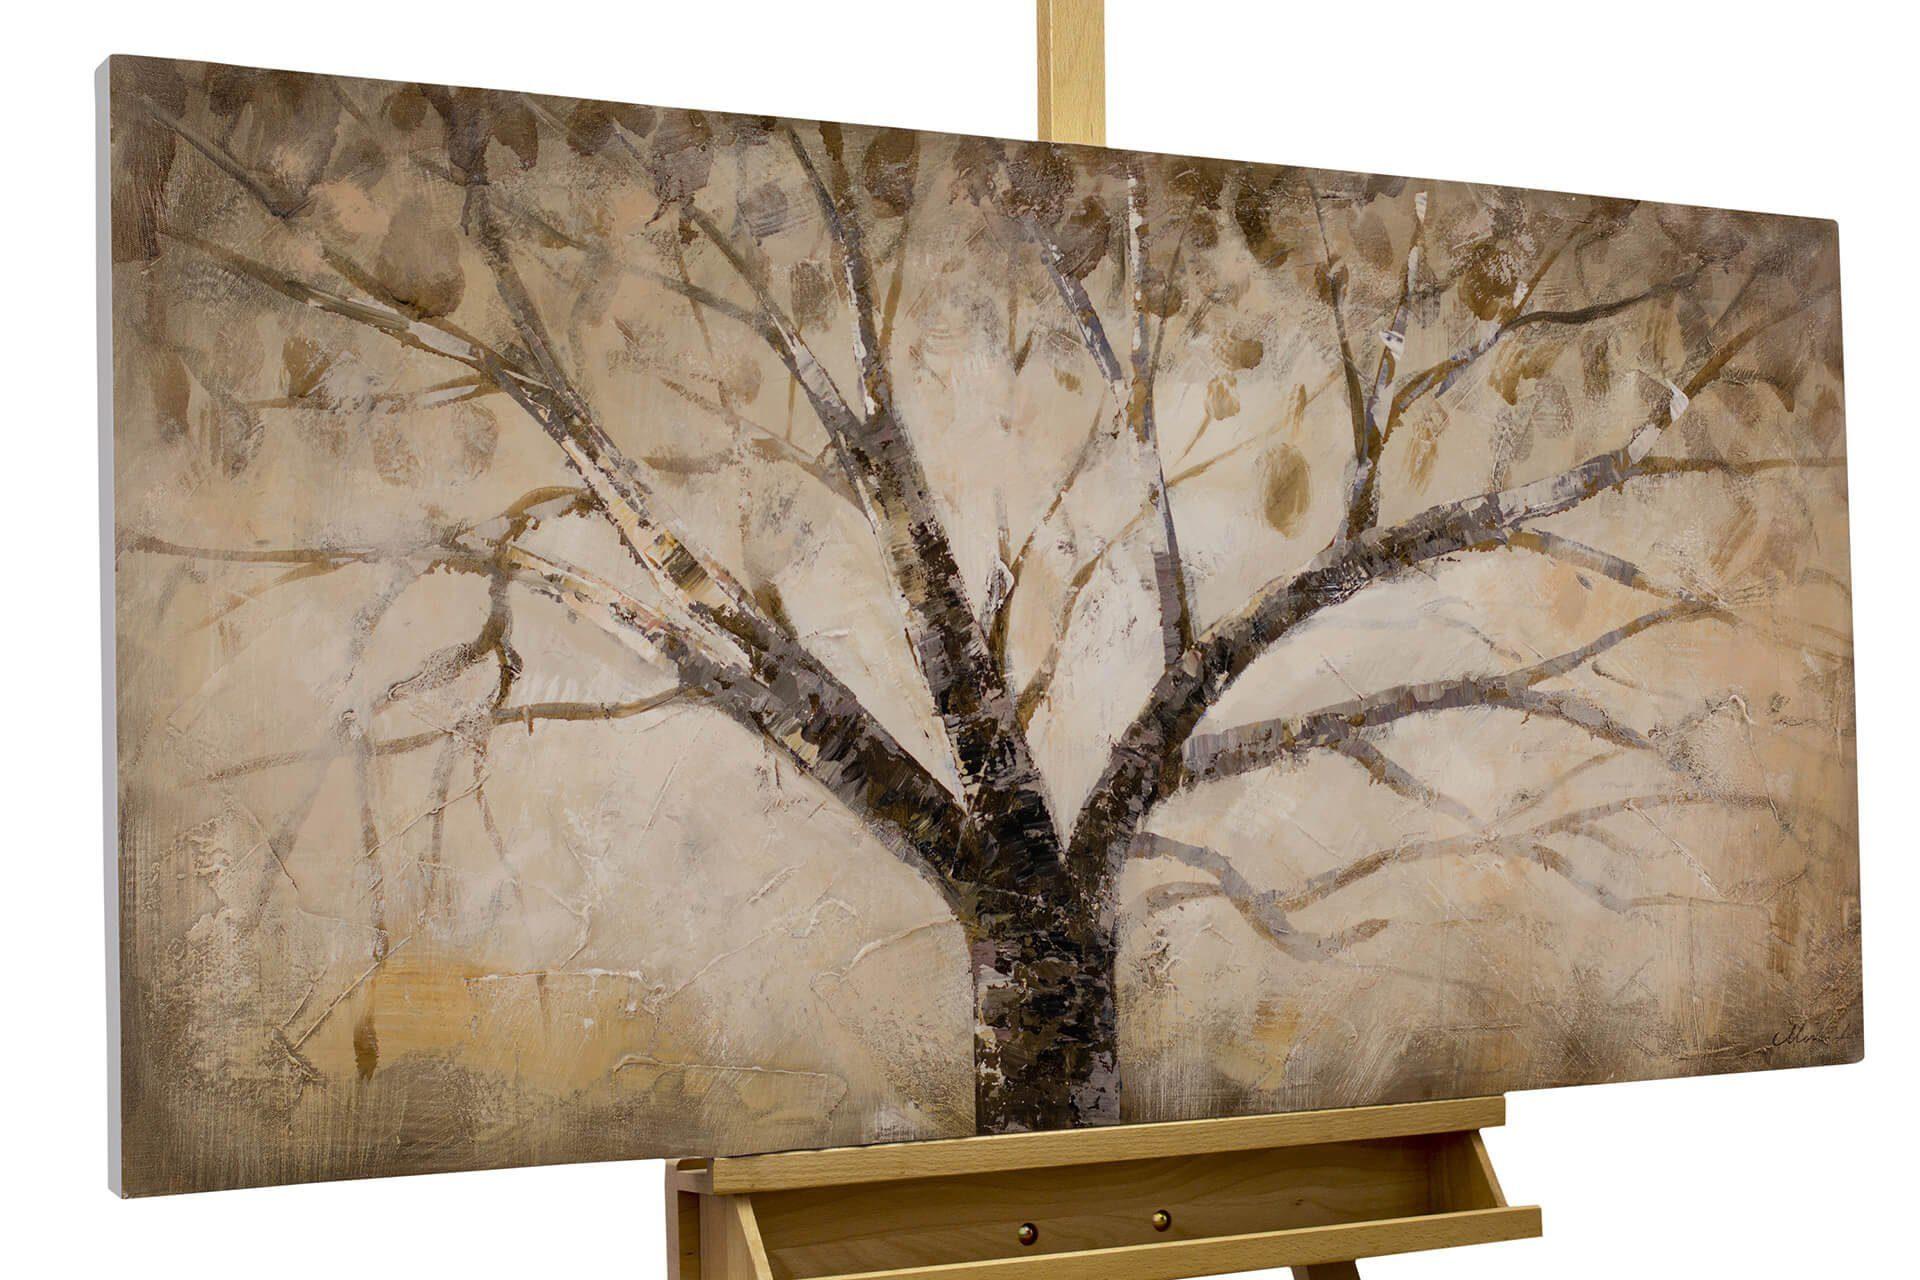 KUNSTLOFT Gemälde »Der weise Baum«, handgemaltes Bild auf Leinwand online kaufen | OTTO